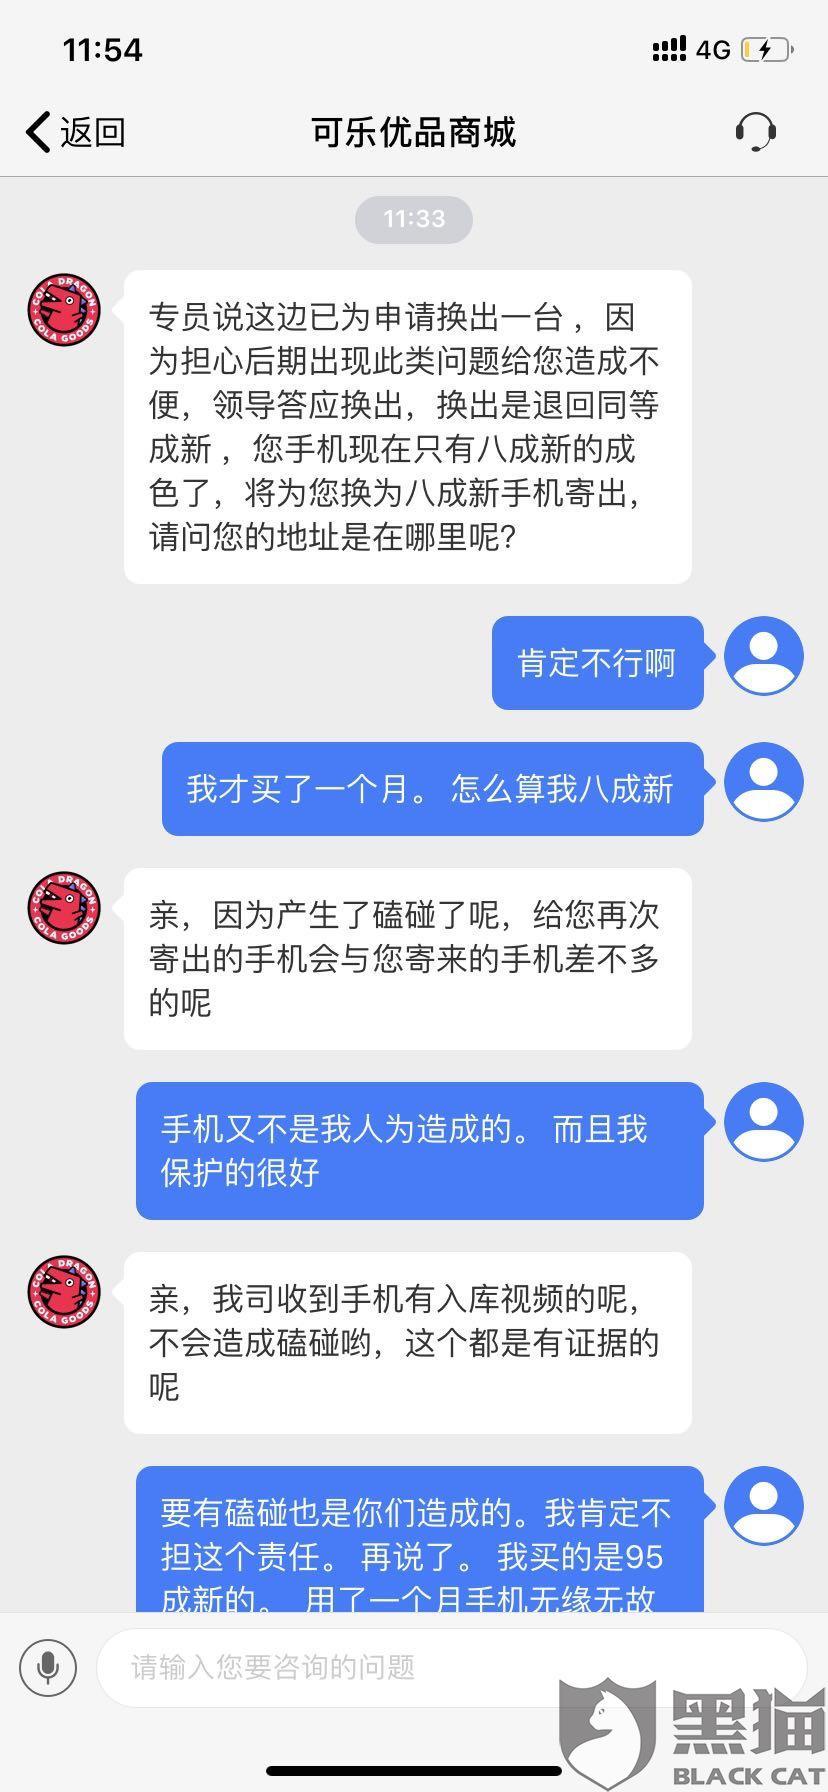 黑猫投诉:买了一个多月的iphonex 无缘无故手机开不了 客服说同意换货等了20天